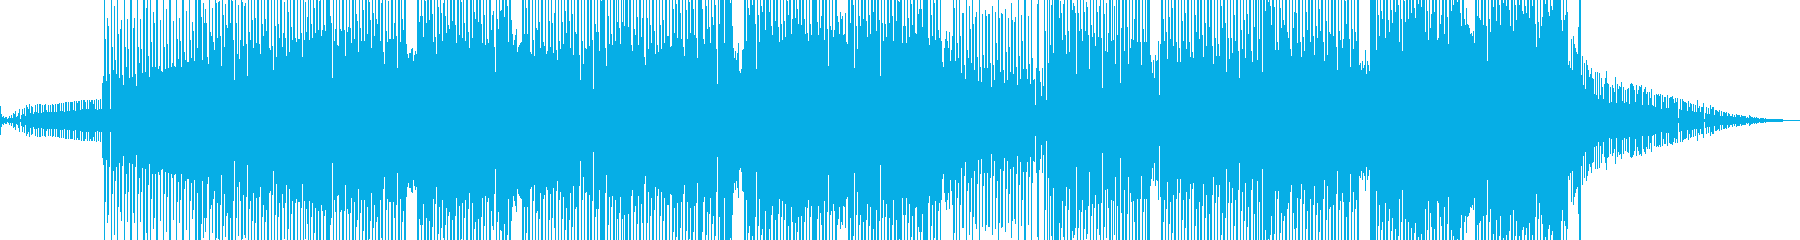 科学・浮遊感漂うテクノ 裏拍リズム B+の再生済みの波形